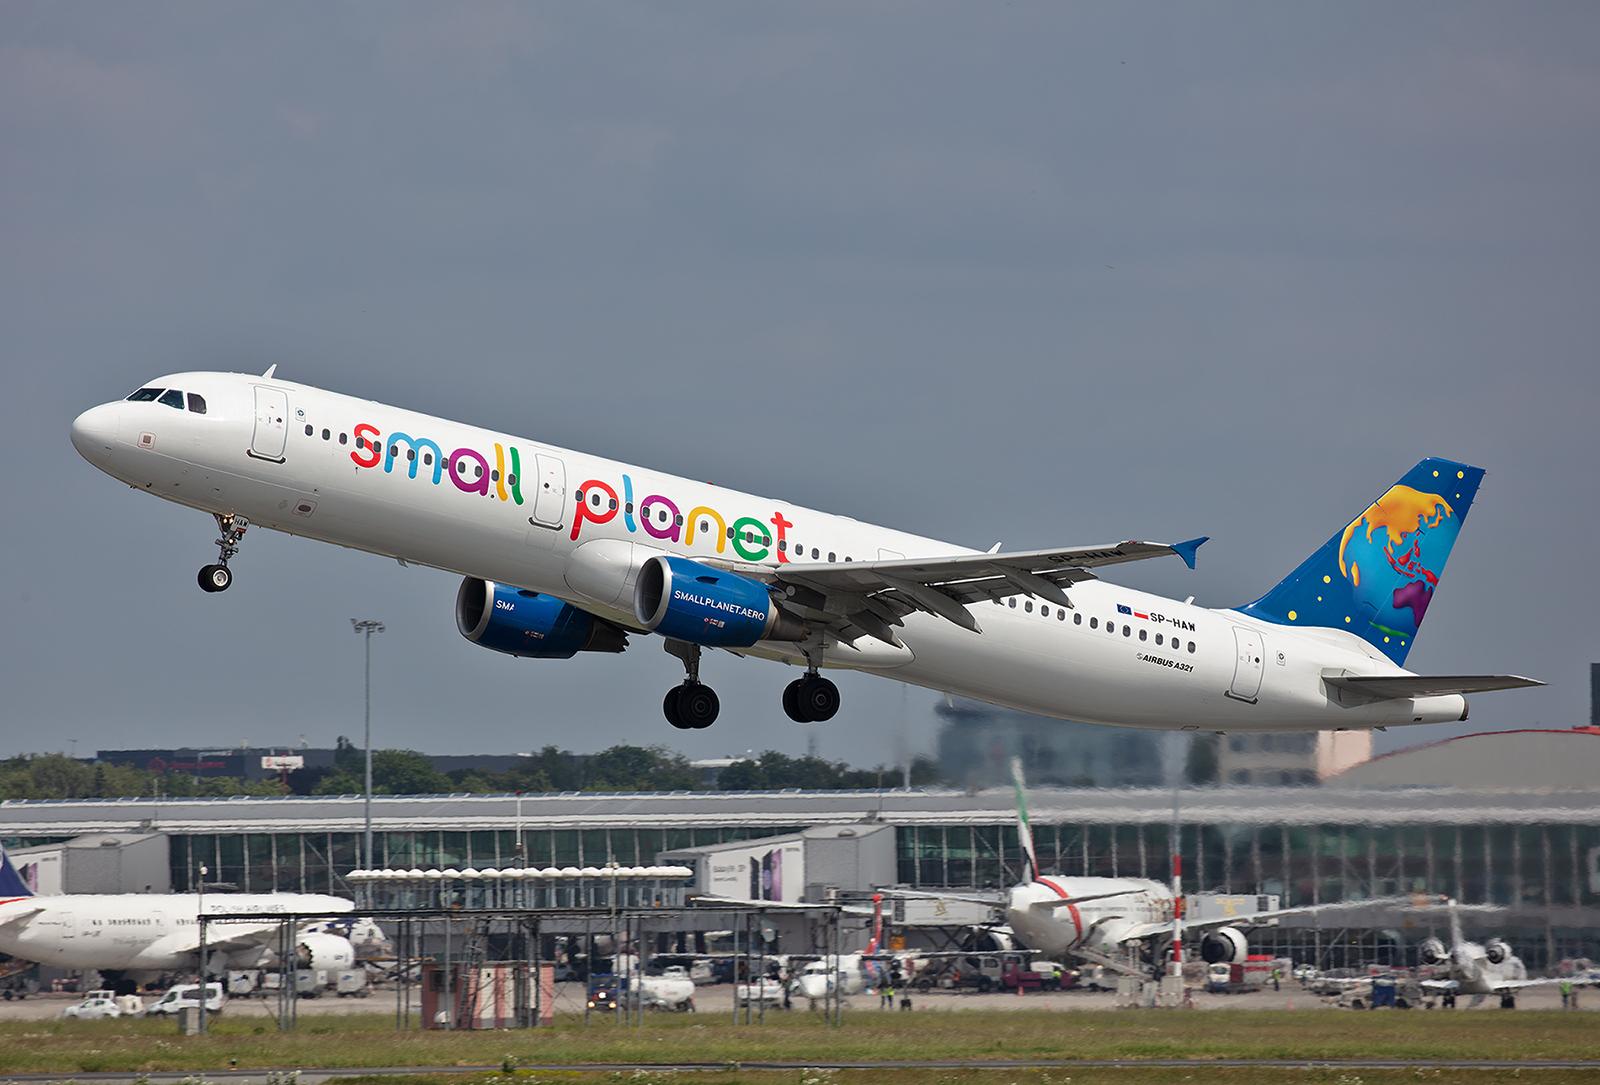 Die Small Planet kommt eigentlich aus Litauen und ging aus der FlyLAL hervor. Sie betreibt inzwischen eine beachtliche Anzahl an A320/321 und hat auch eine deutsche Tochter mit Sitz am SXF.